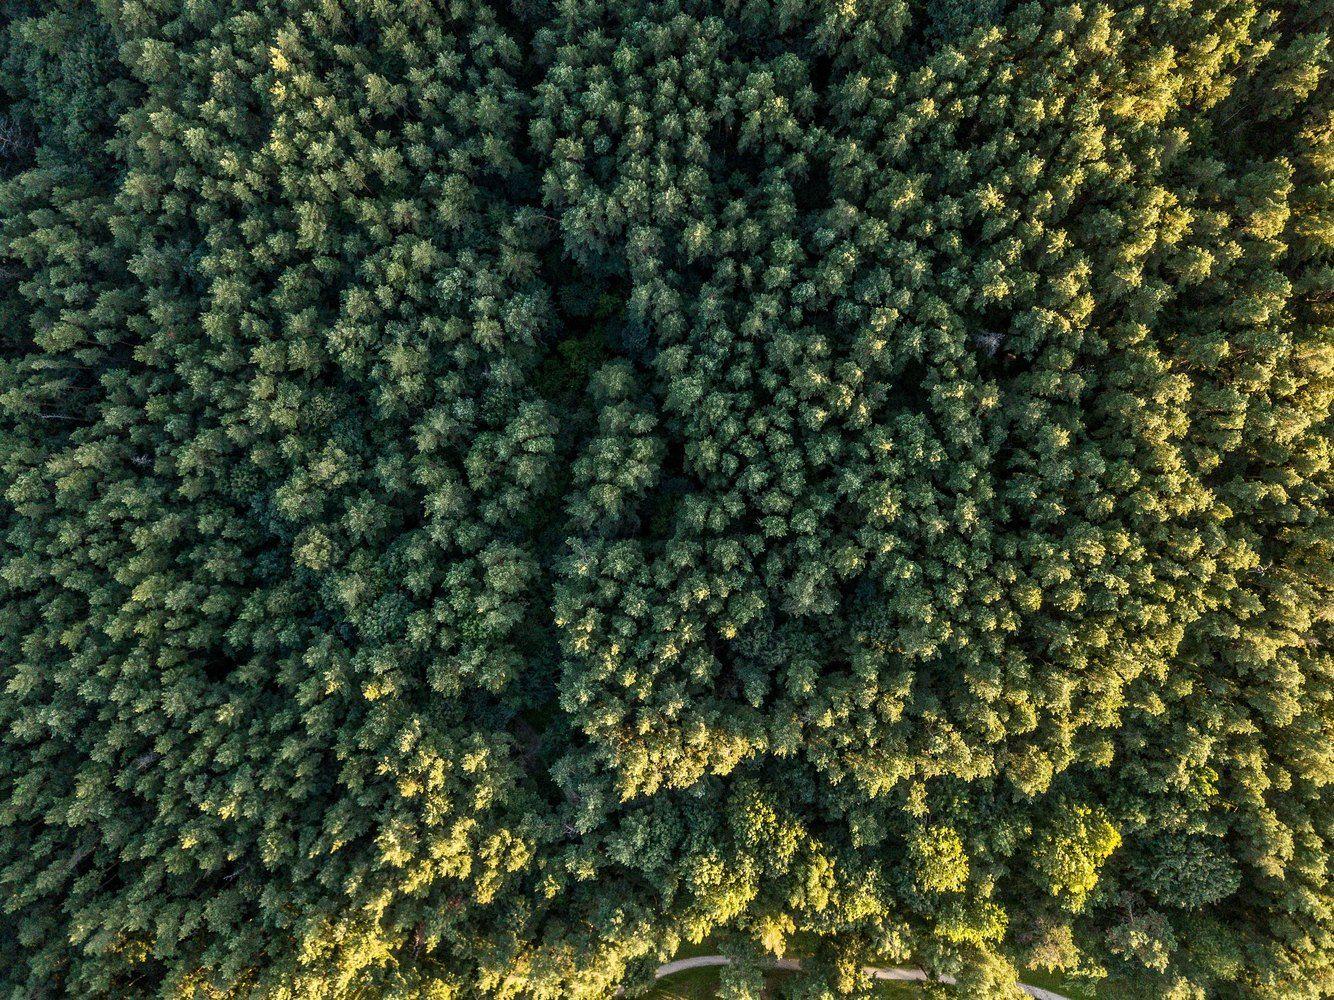 Per 9 mėn. valstybinės medienos parduota mažiau, bet gauta 10% daugiau pajamų